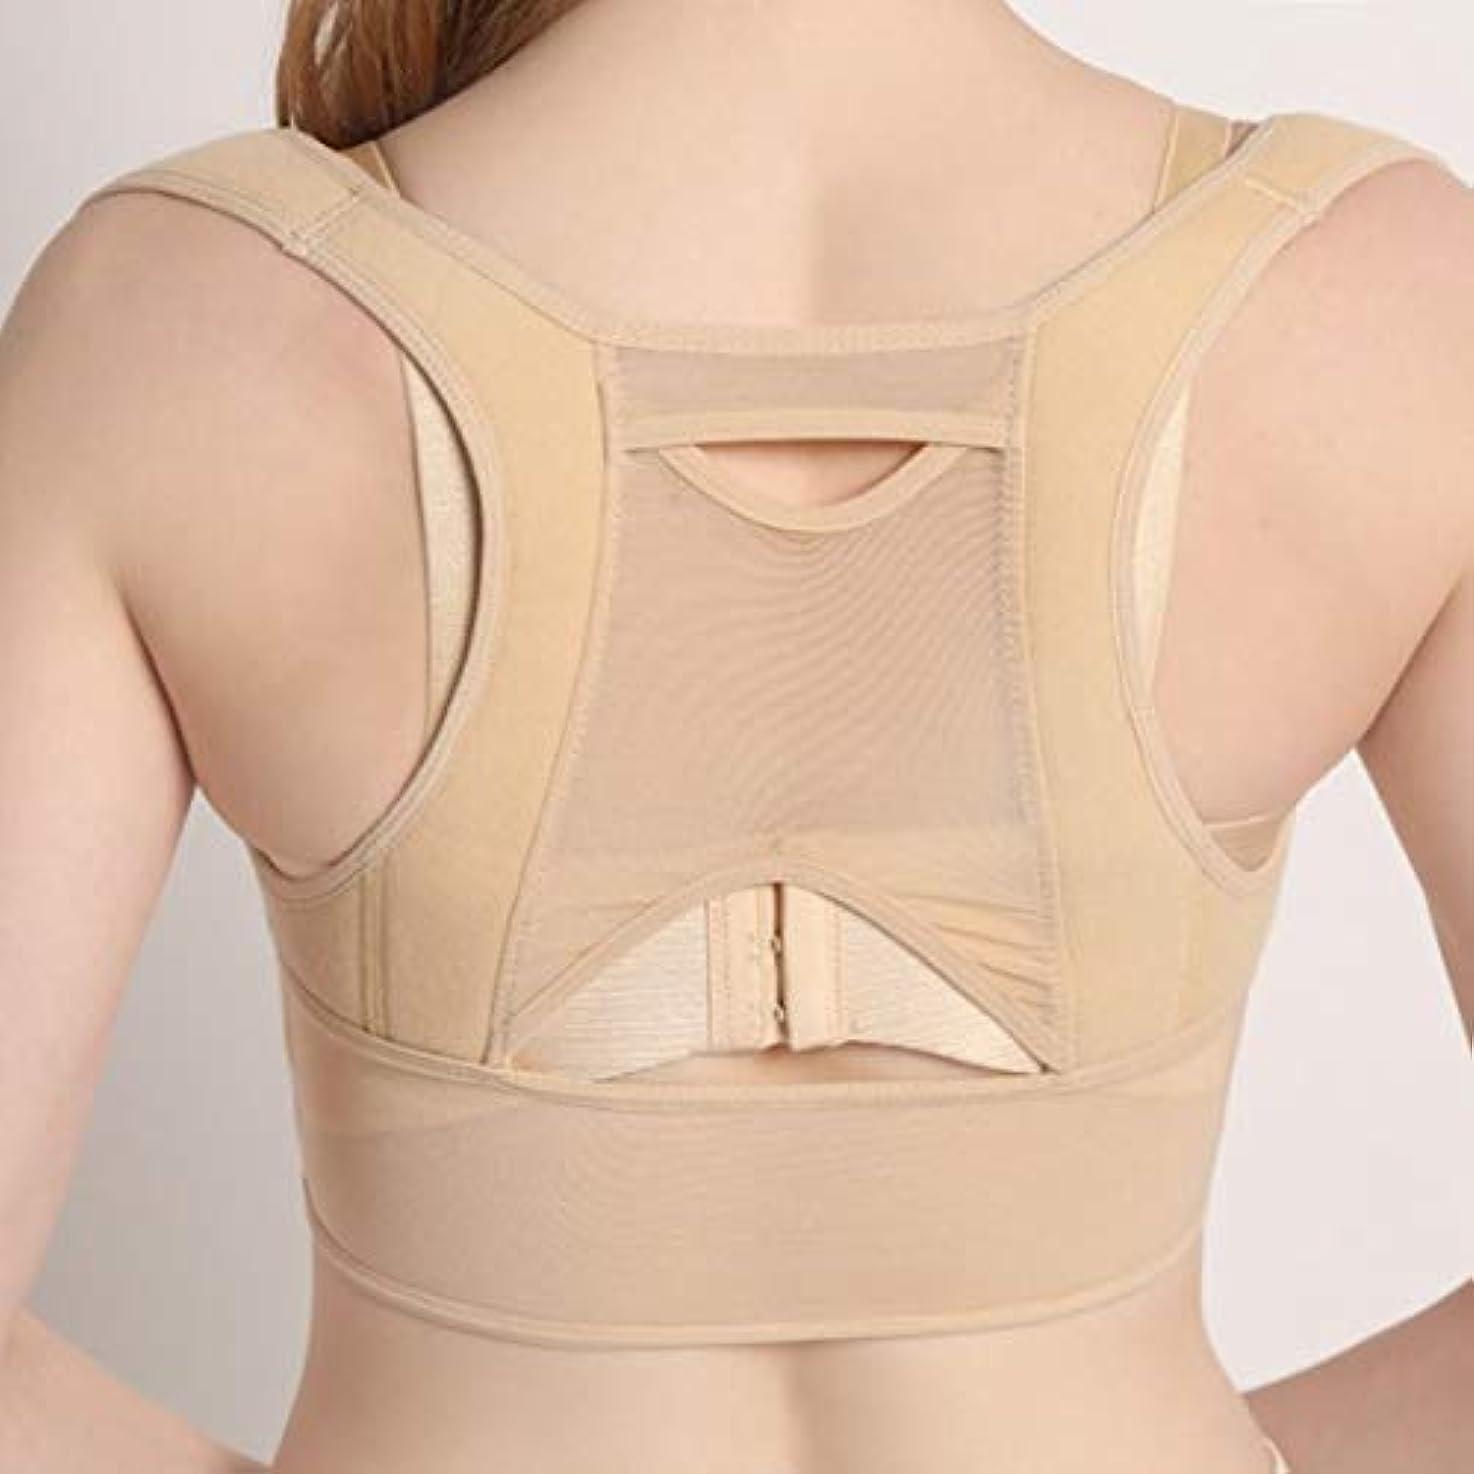 密接に筋粗い通気性のある女性の背中の姿勢矯正コルセット整形外科の背中の肩の背骨の姿勢矯正腰椎サポート - ベージュホワイトL